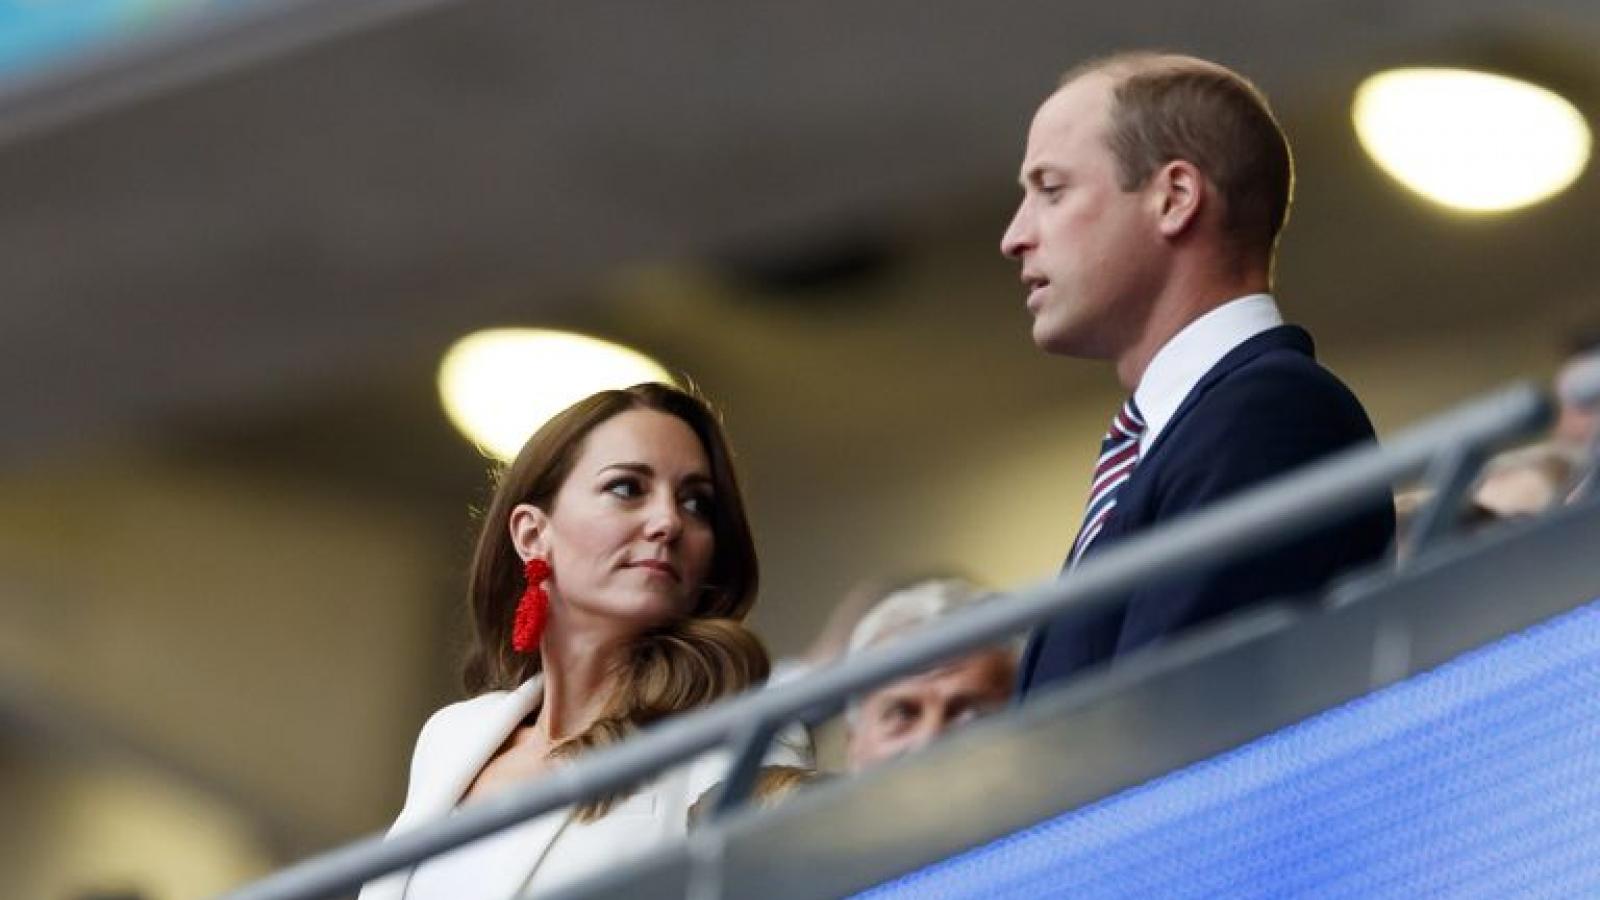 Khoảnh khắc thời trang đáng nhớ của Công nương Kate tại Chung kết Wimbledon và EURO 2021